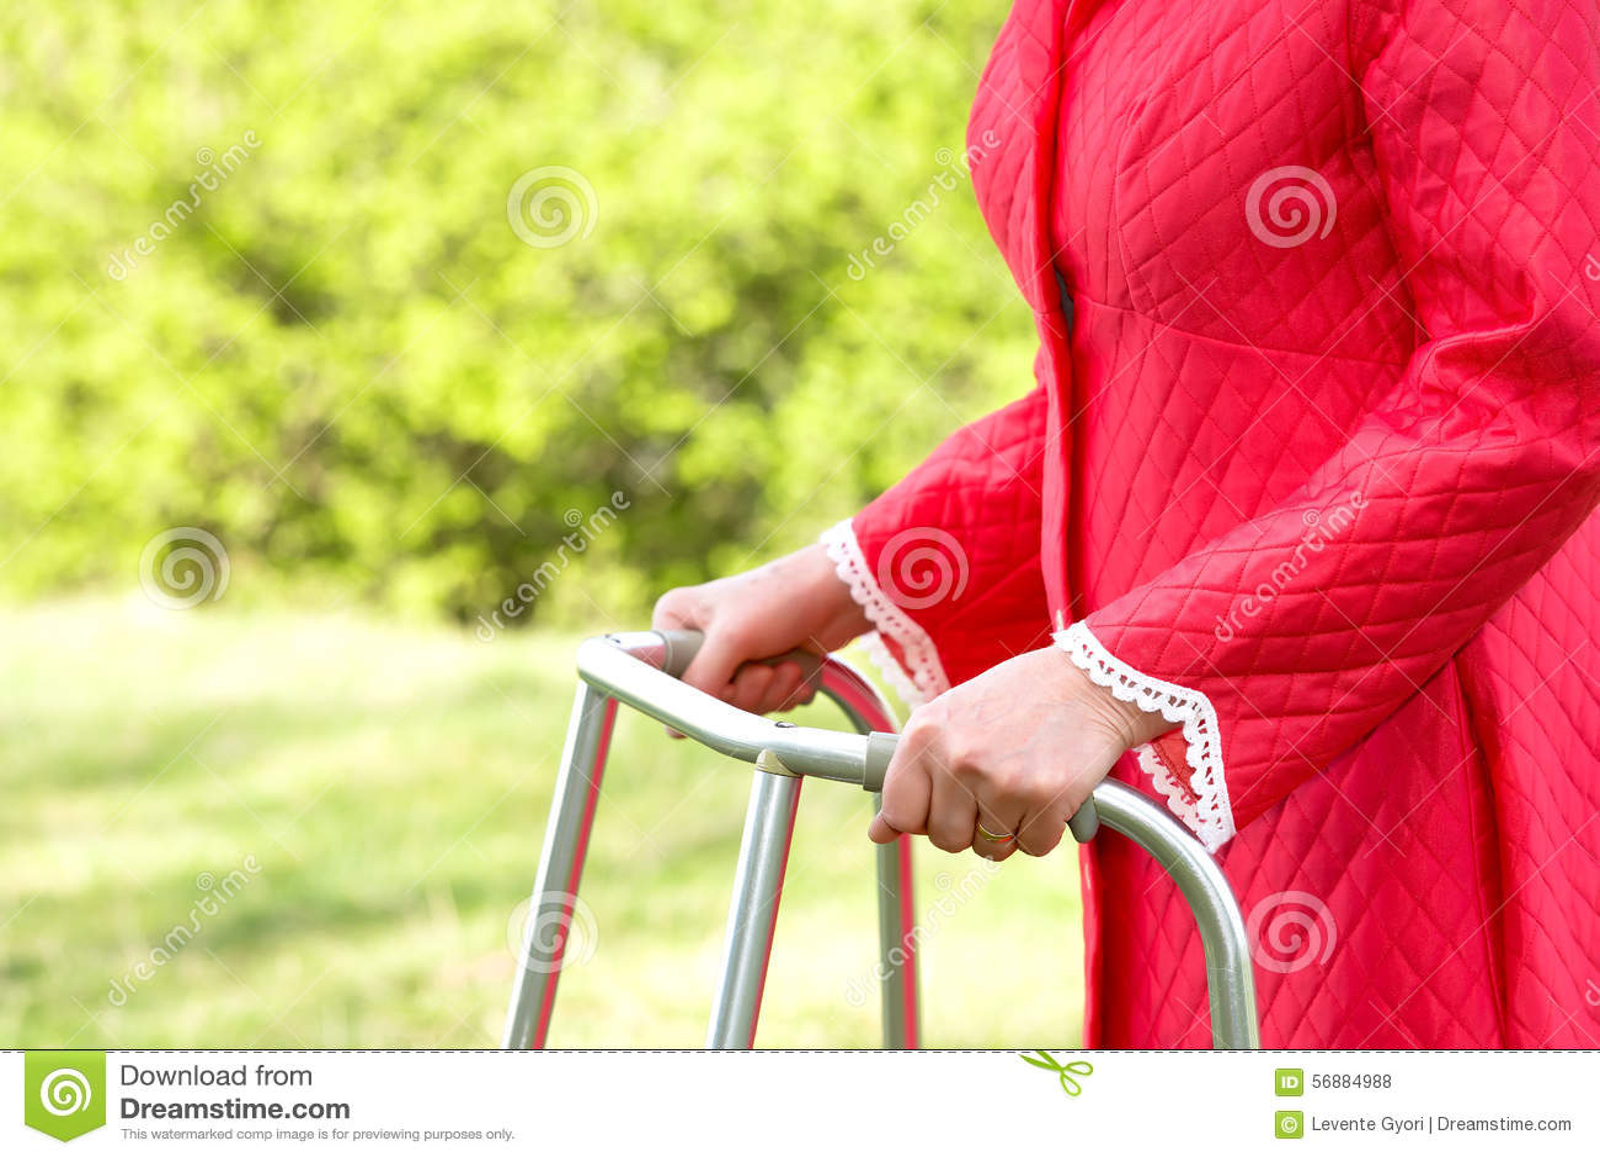 Ältere Frau, die einen Wanderer verwendet